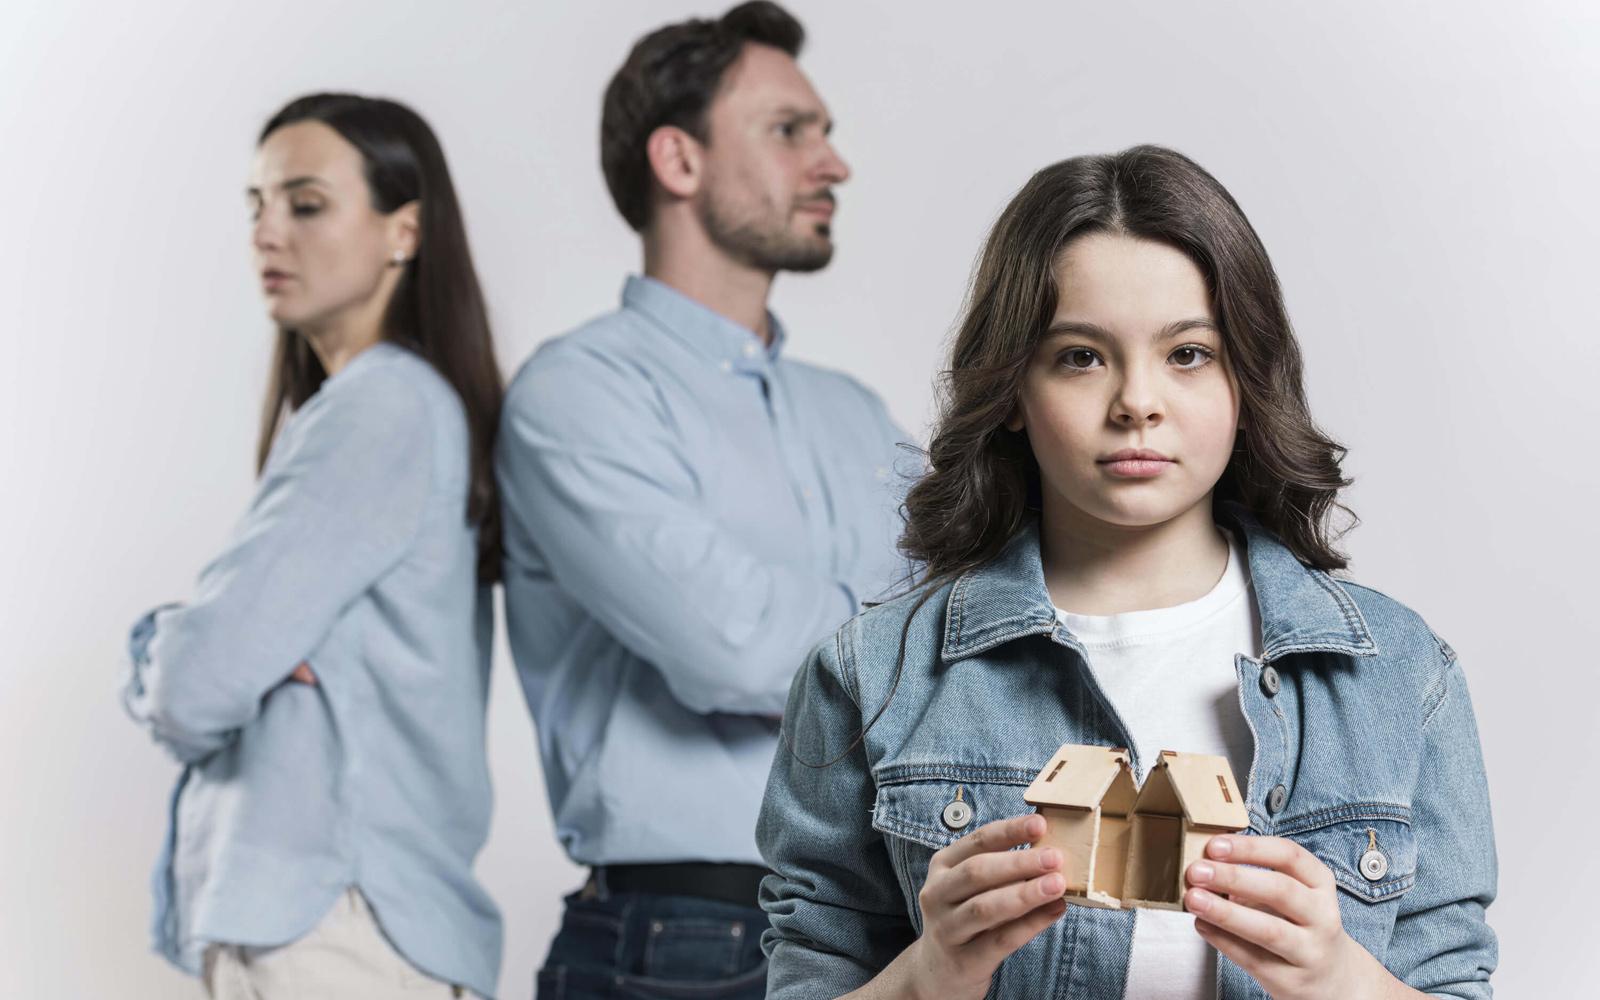 Reclamación de custodia de los hijos